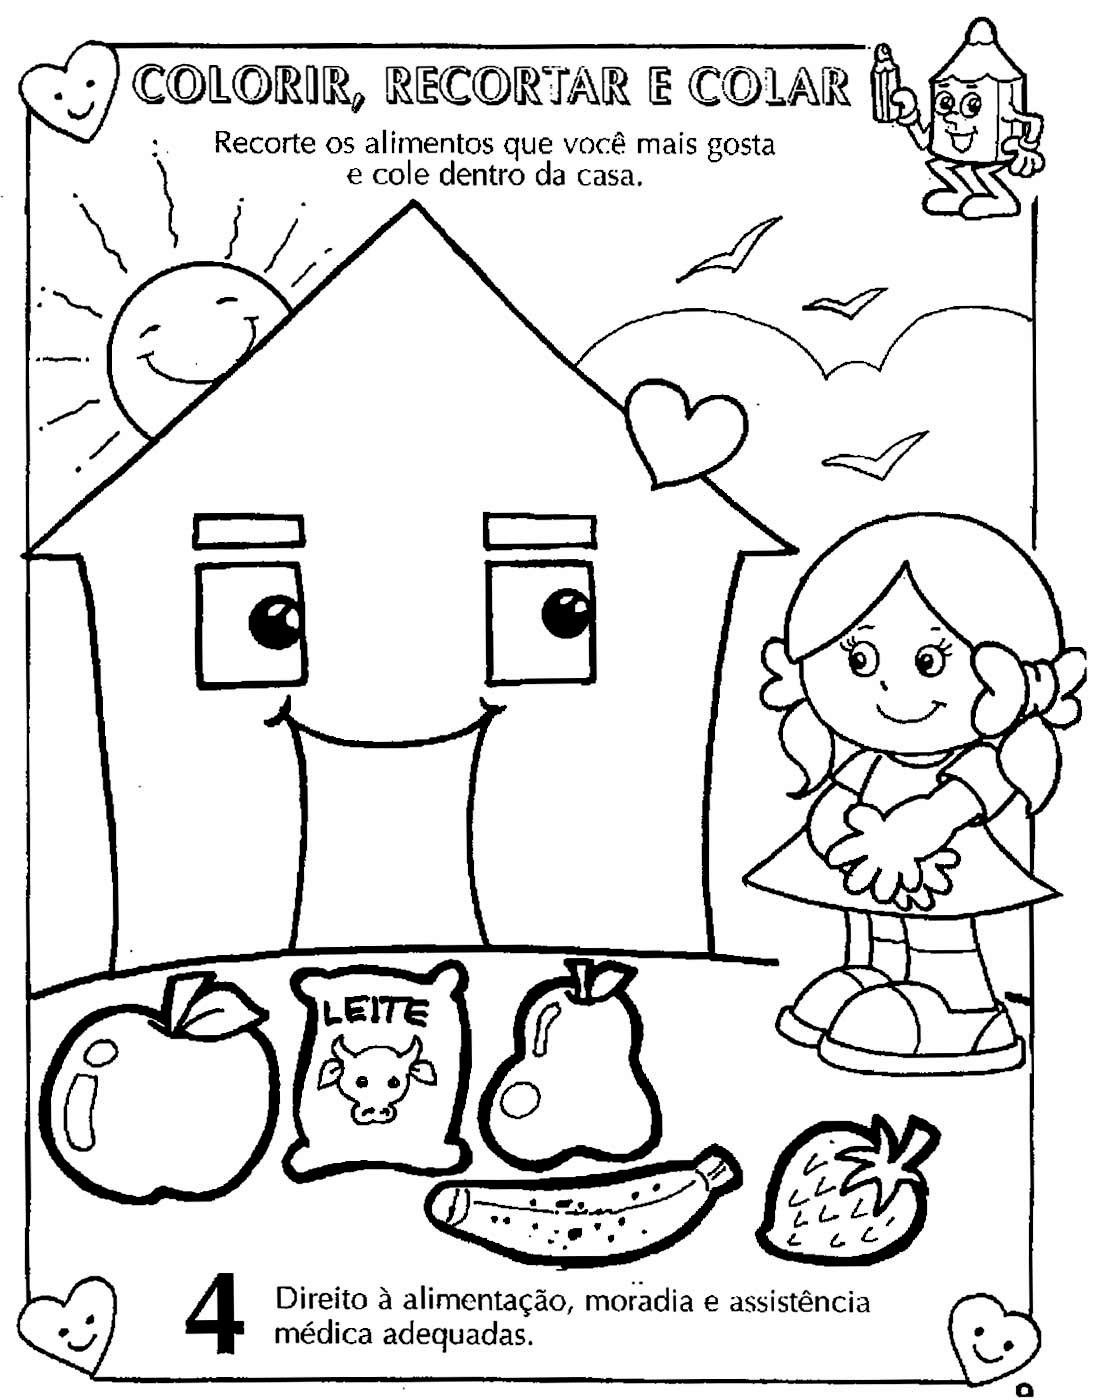 Colorir Desenhos sobre Direitos e Deveres da Criança